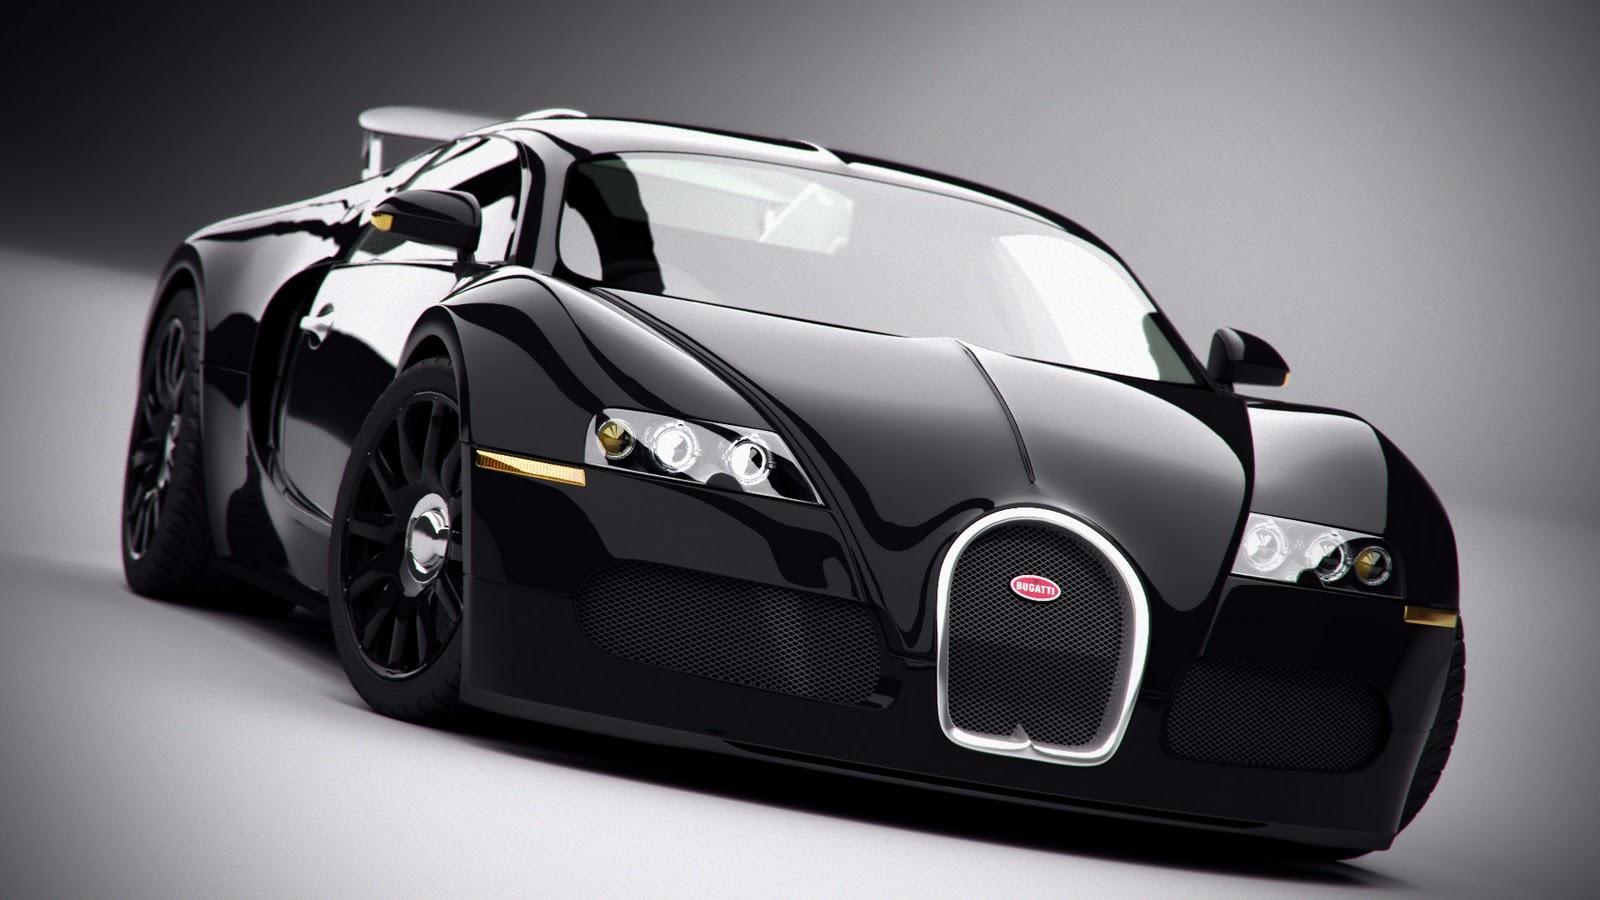 http://3.bp.blogspot.com/_Y5-4Z4aPcOI/TURC081Et2I/AAAAAAAABBI/jDDnq2Psfjc/s1600/Bugatti++-+FREEHD.BLOGSPOT.Com+%25282%2529.jpg